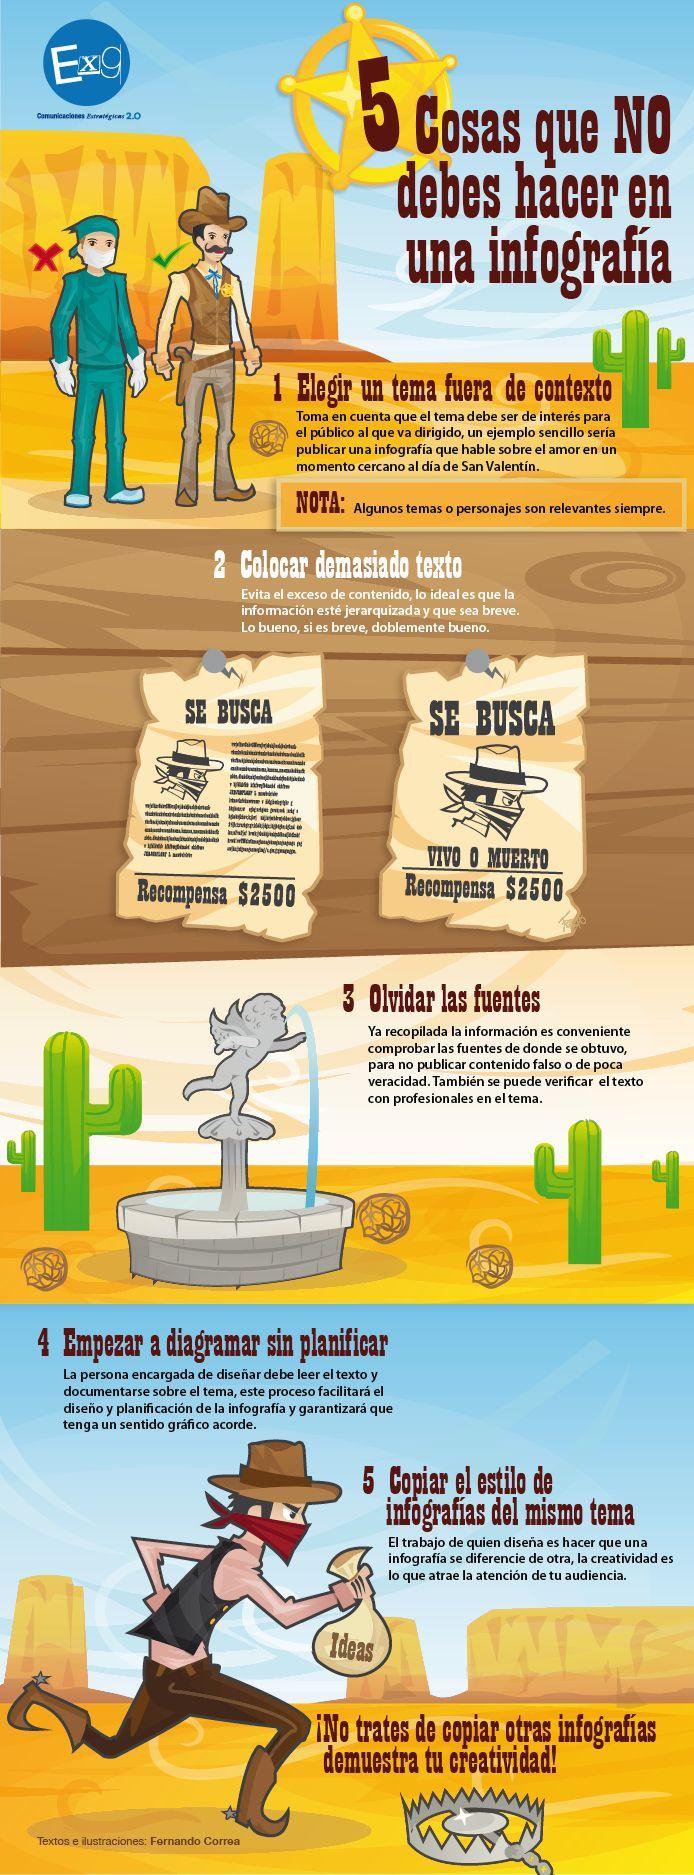 5 cosas que no debes hacer en una infografía #infografia